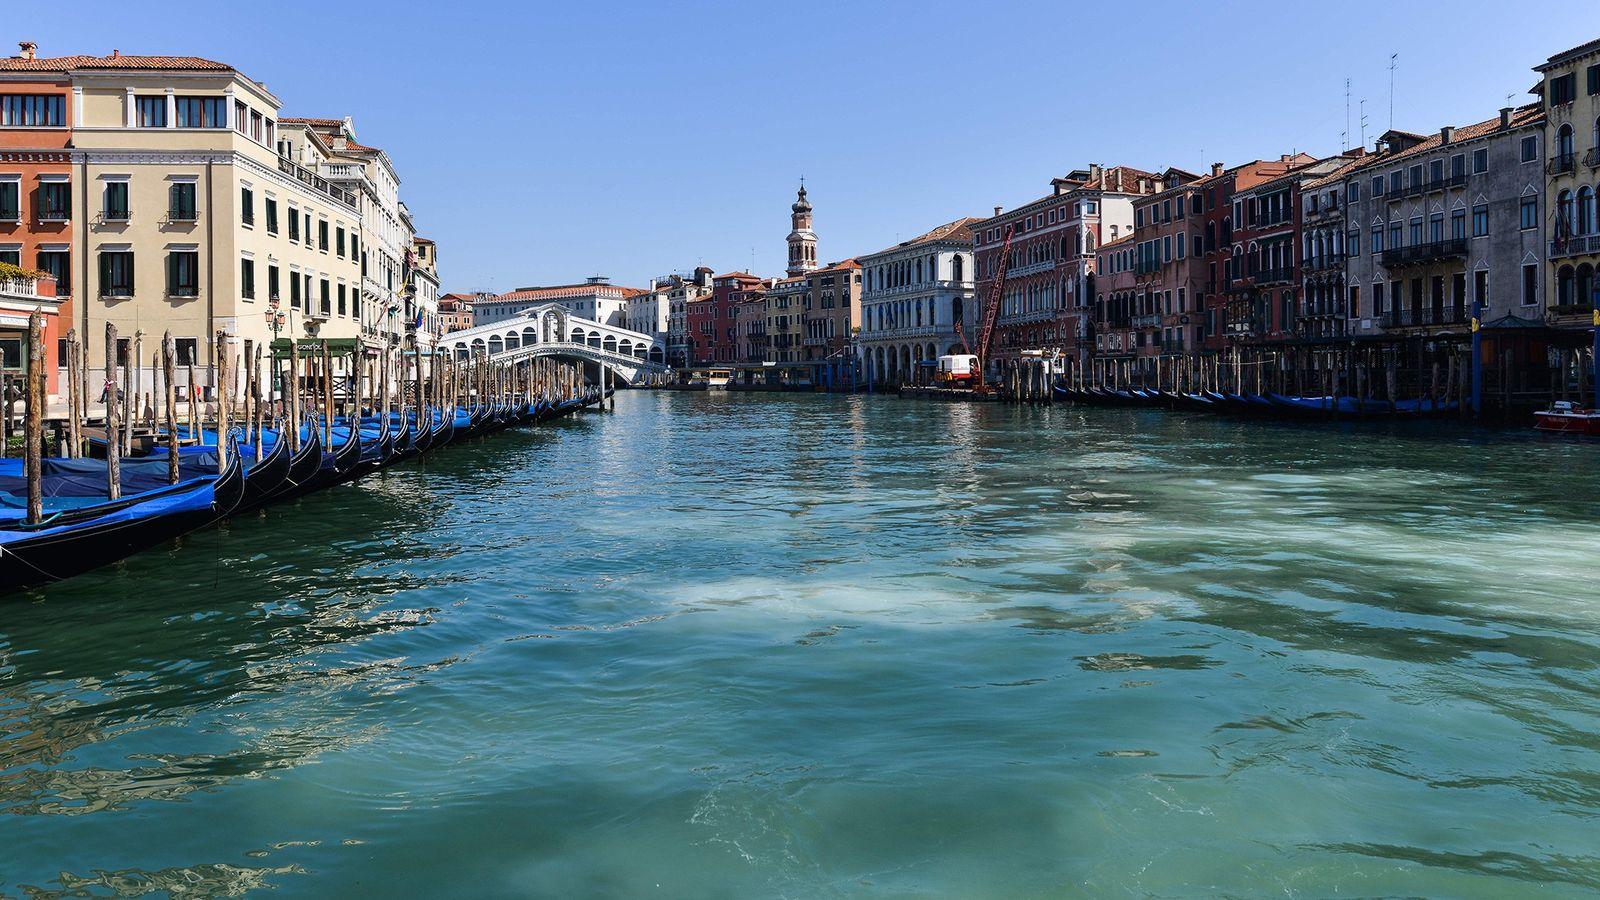 Durch die Quarantänemaßnahmen während der Pandemie sind die Kanäle von Venedig, auf denen normalerweise reger Betrieb ...